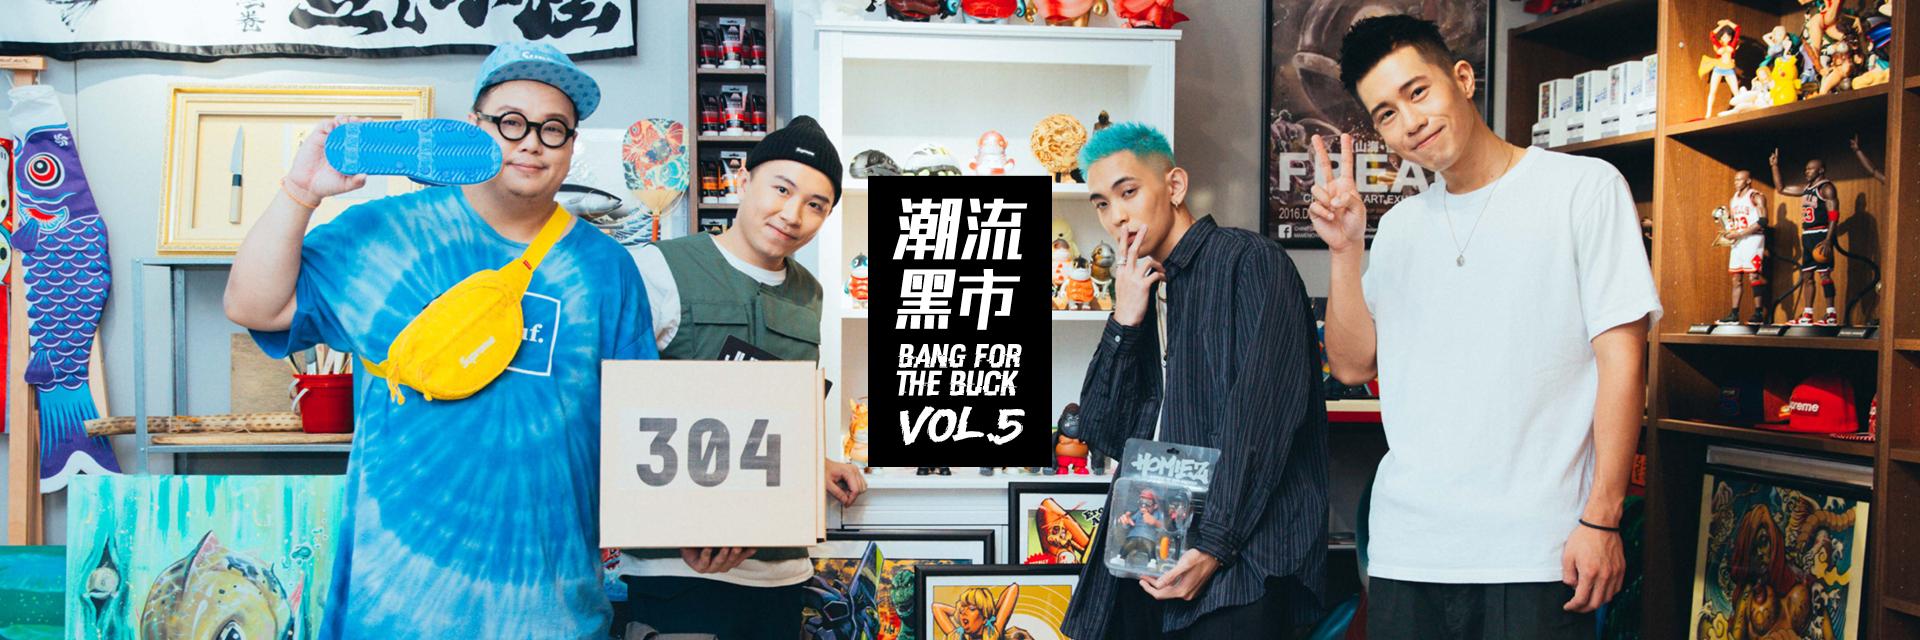 【潮流黑市 Vol.5 香港篇(上)】深入亞洲潮流的發源地!一覽「後港潮時代」最具影響力的店鋪